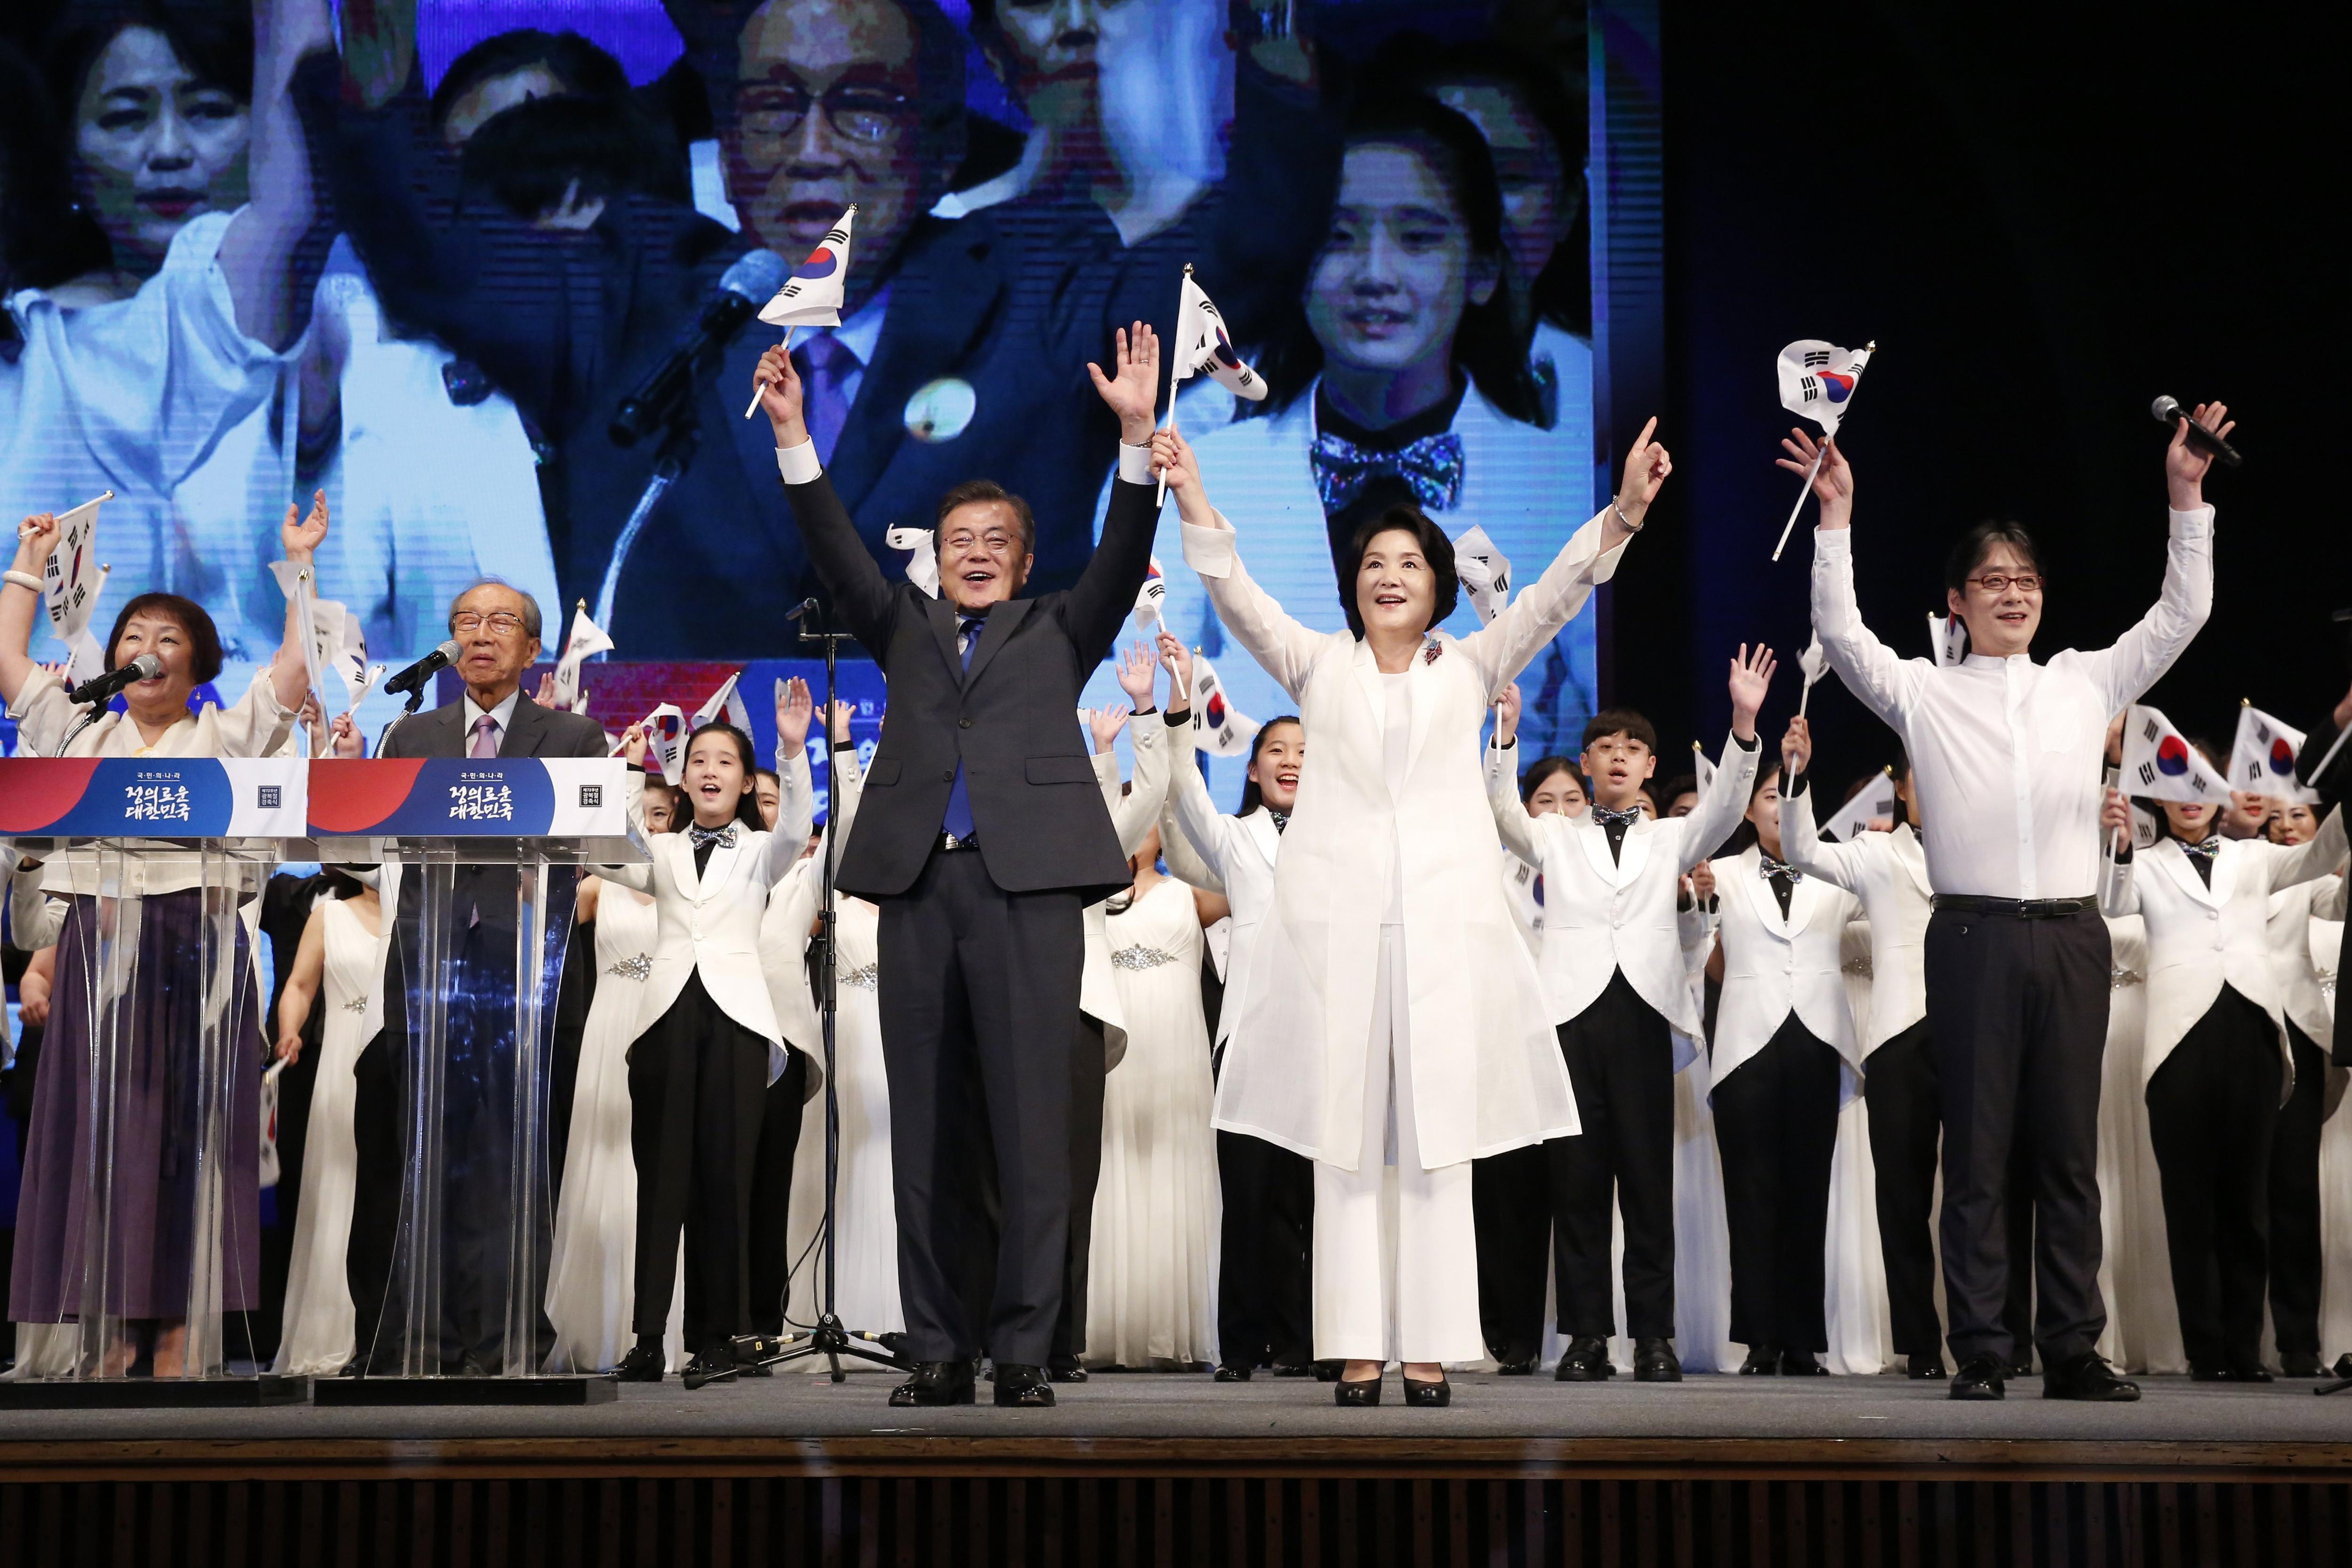 El president de Corea del Sud, Moon Jae-In, i la primera dama Kim Jeong-Suk, animen pel seu país durant les celebracions del 72è aniversari de la independència de Corea del domini colonial japonès en 1945 avui, dimarts 15 d'agost de 2017, a Seül. JEON HEON-KYUN /POOL